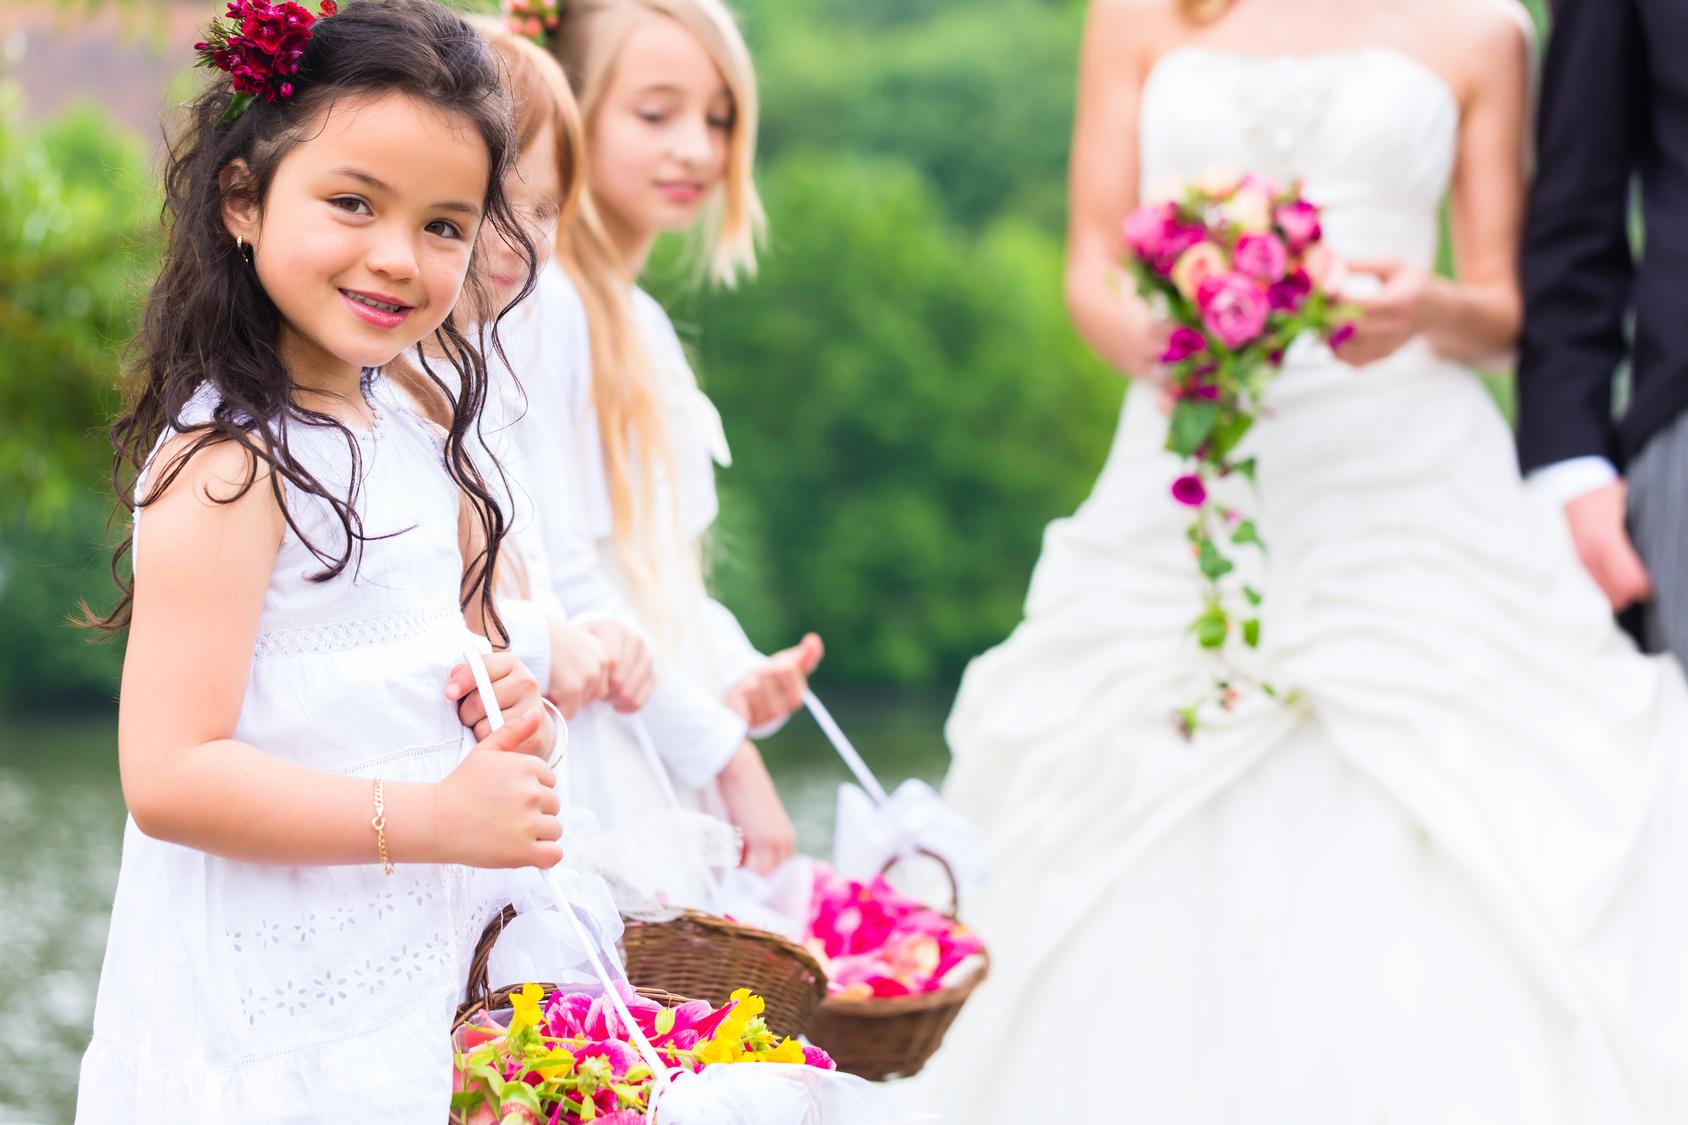 Spiele Auf Der Hochzeit